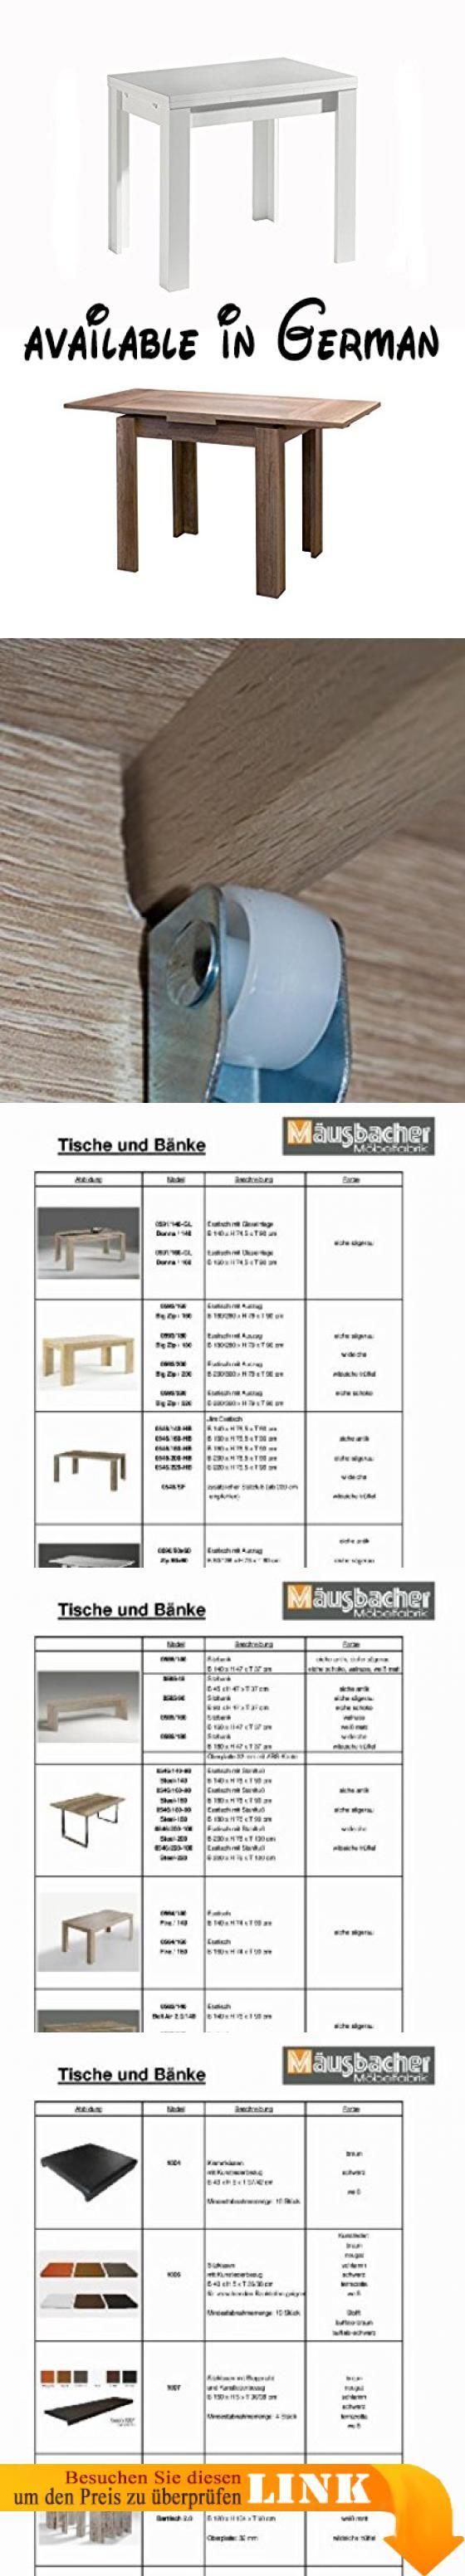 B00F4UTMEG : Zip Esstisch 80 x 60 cm mit zweiseitigem Auszug (ausziehbar auf 136 cm) in weiss matt (E1 Spanplatten mit Dekorfolie beschichtet - Ansatzleisten Massivholz).